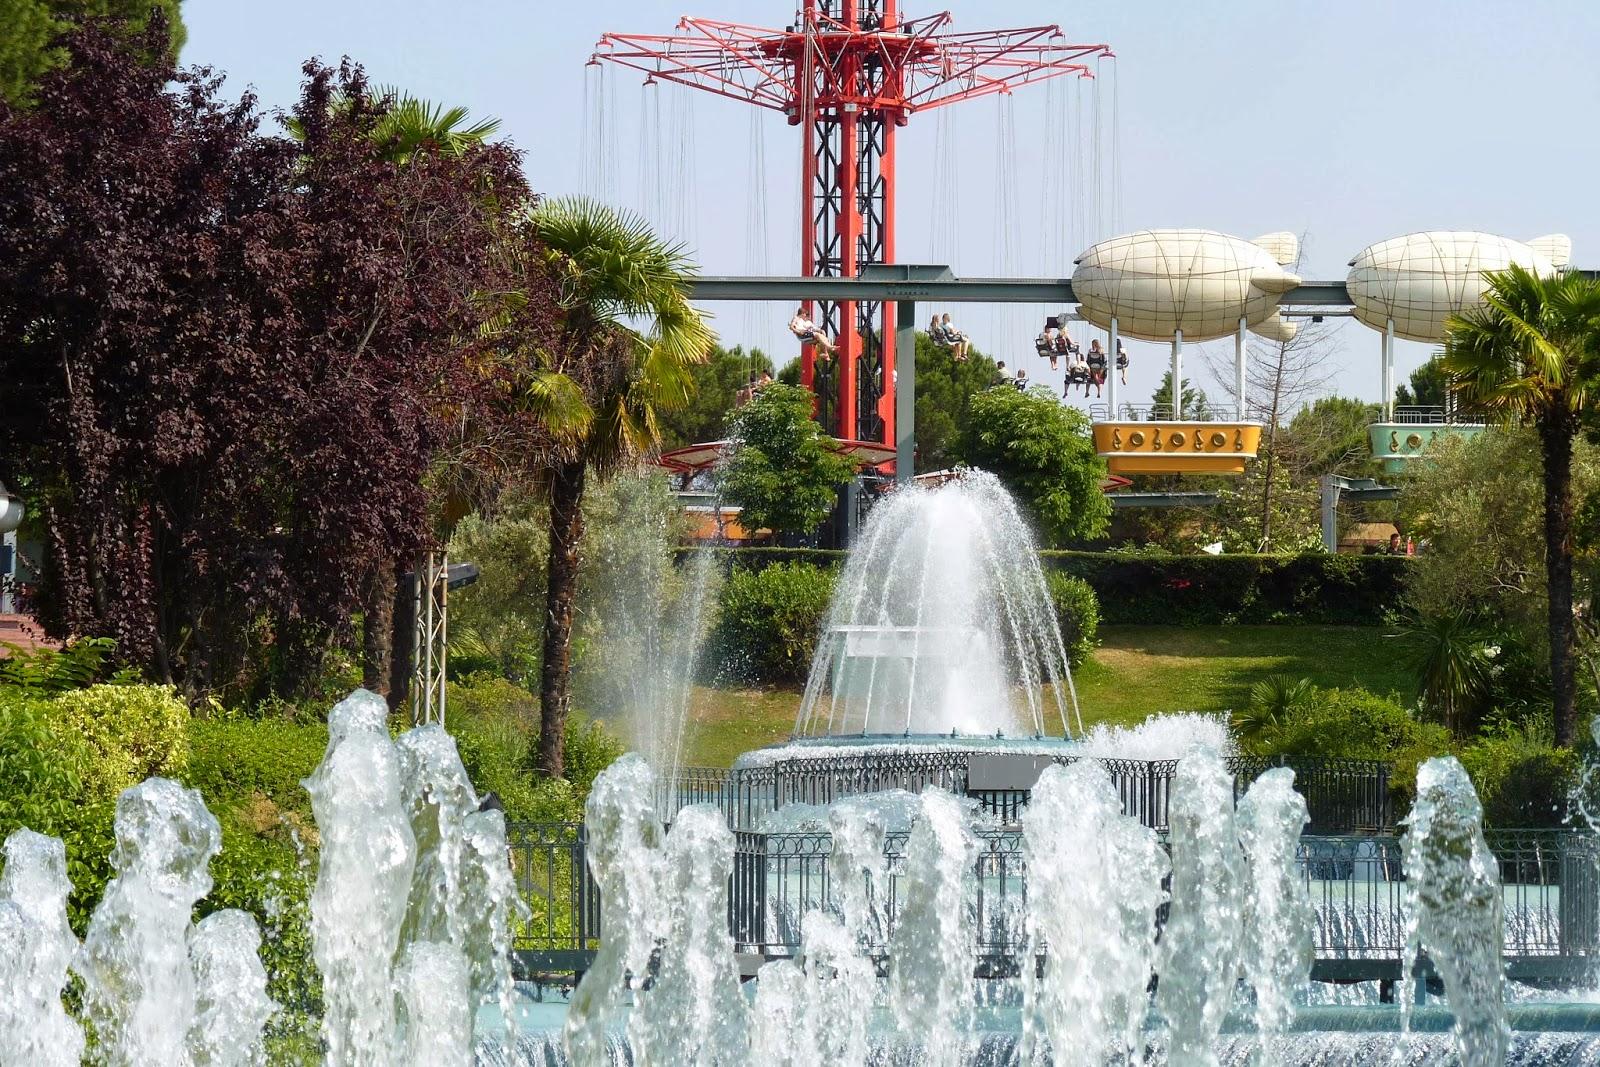 Zona Tranquilidad, Zeppelin del Parque de Atracciones de Madrid.